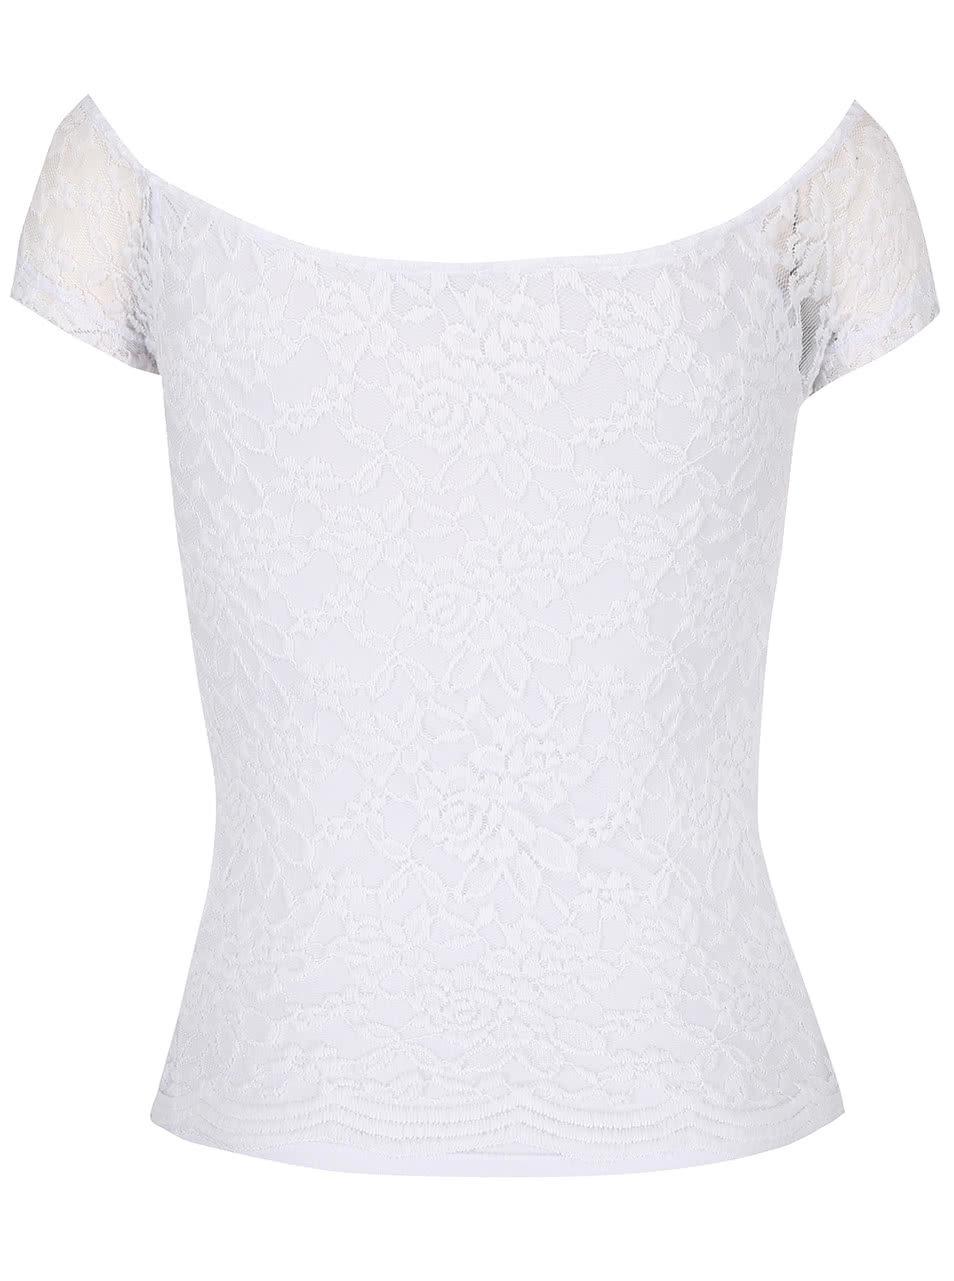 8e33b72b8844 Biele čipkované tričko s lodičkovým výstrihom TALLY WEiJL Pippa ...